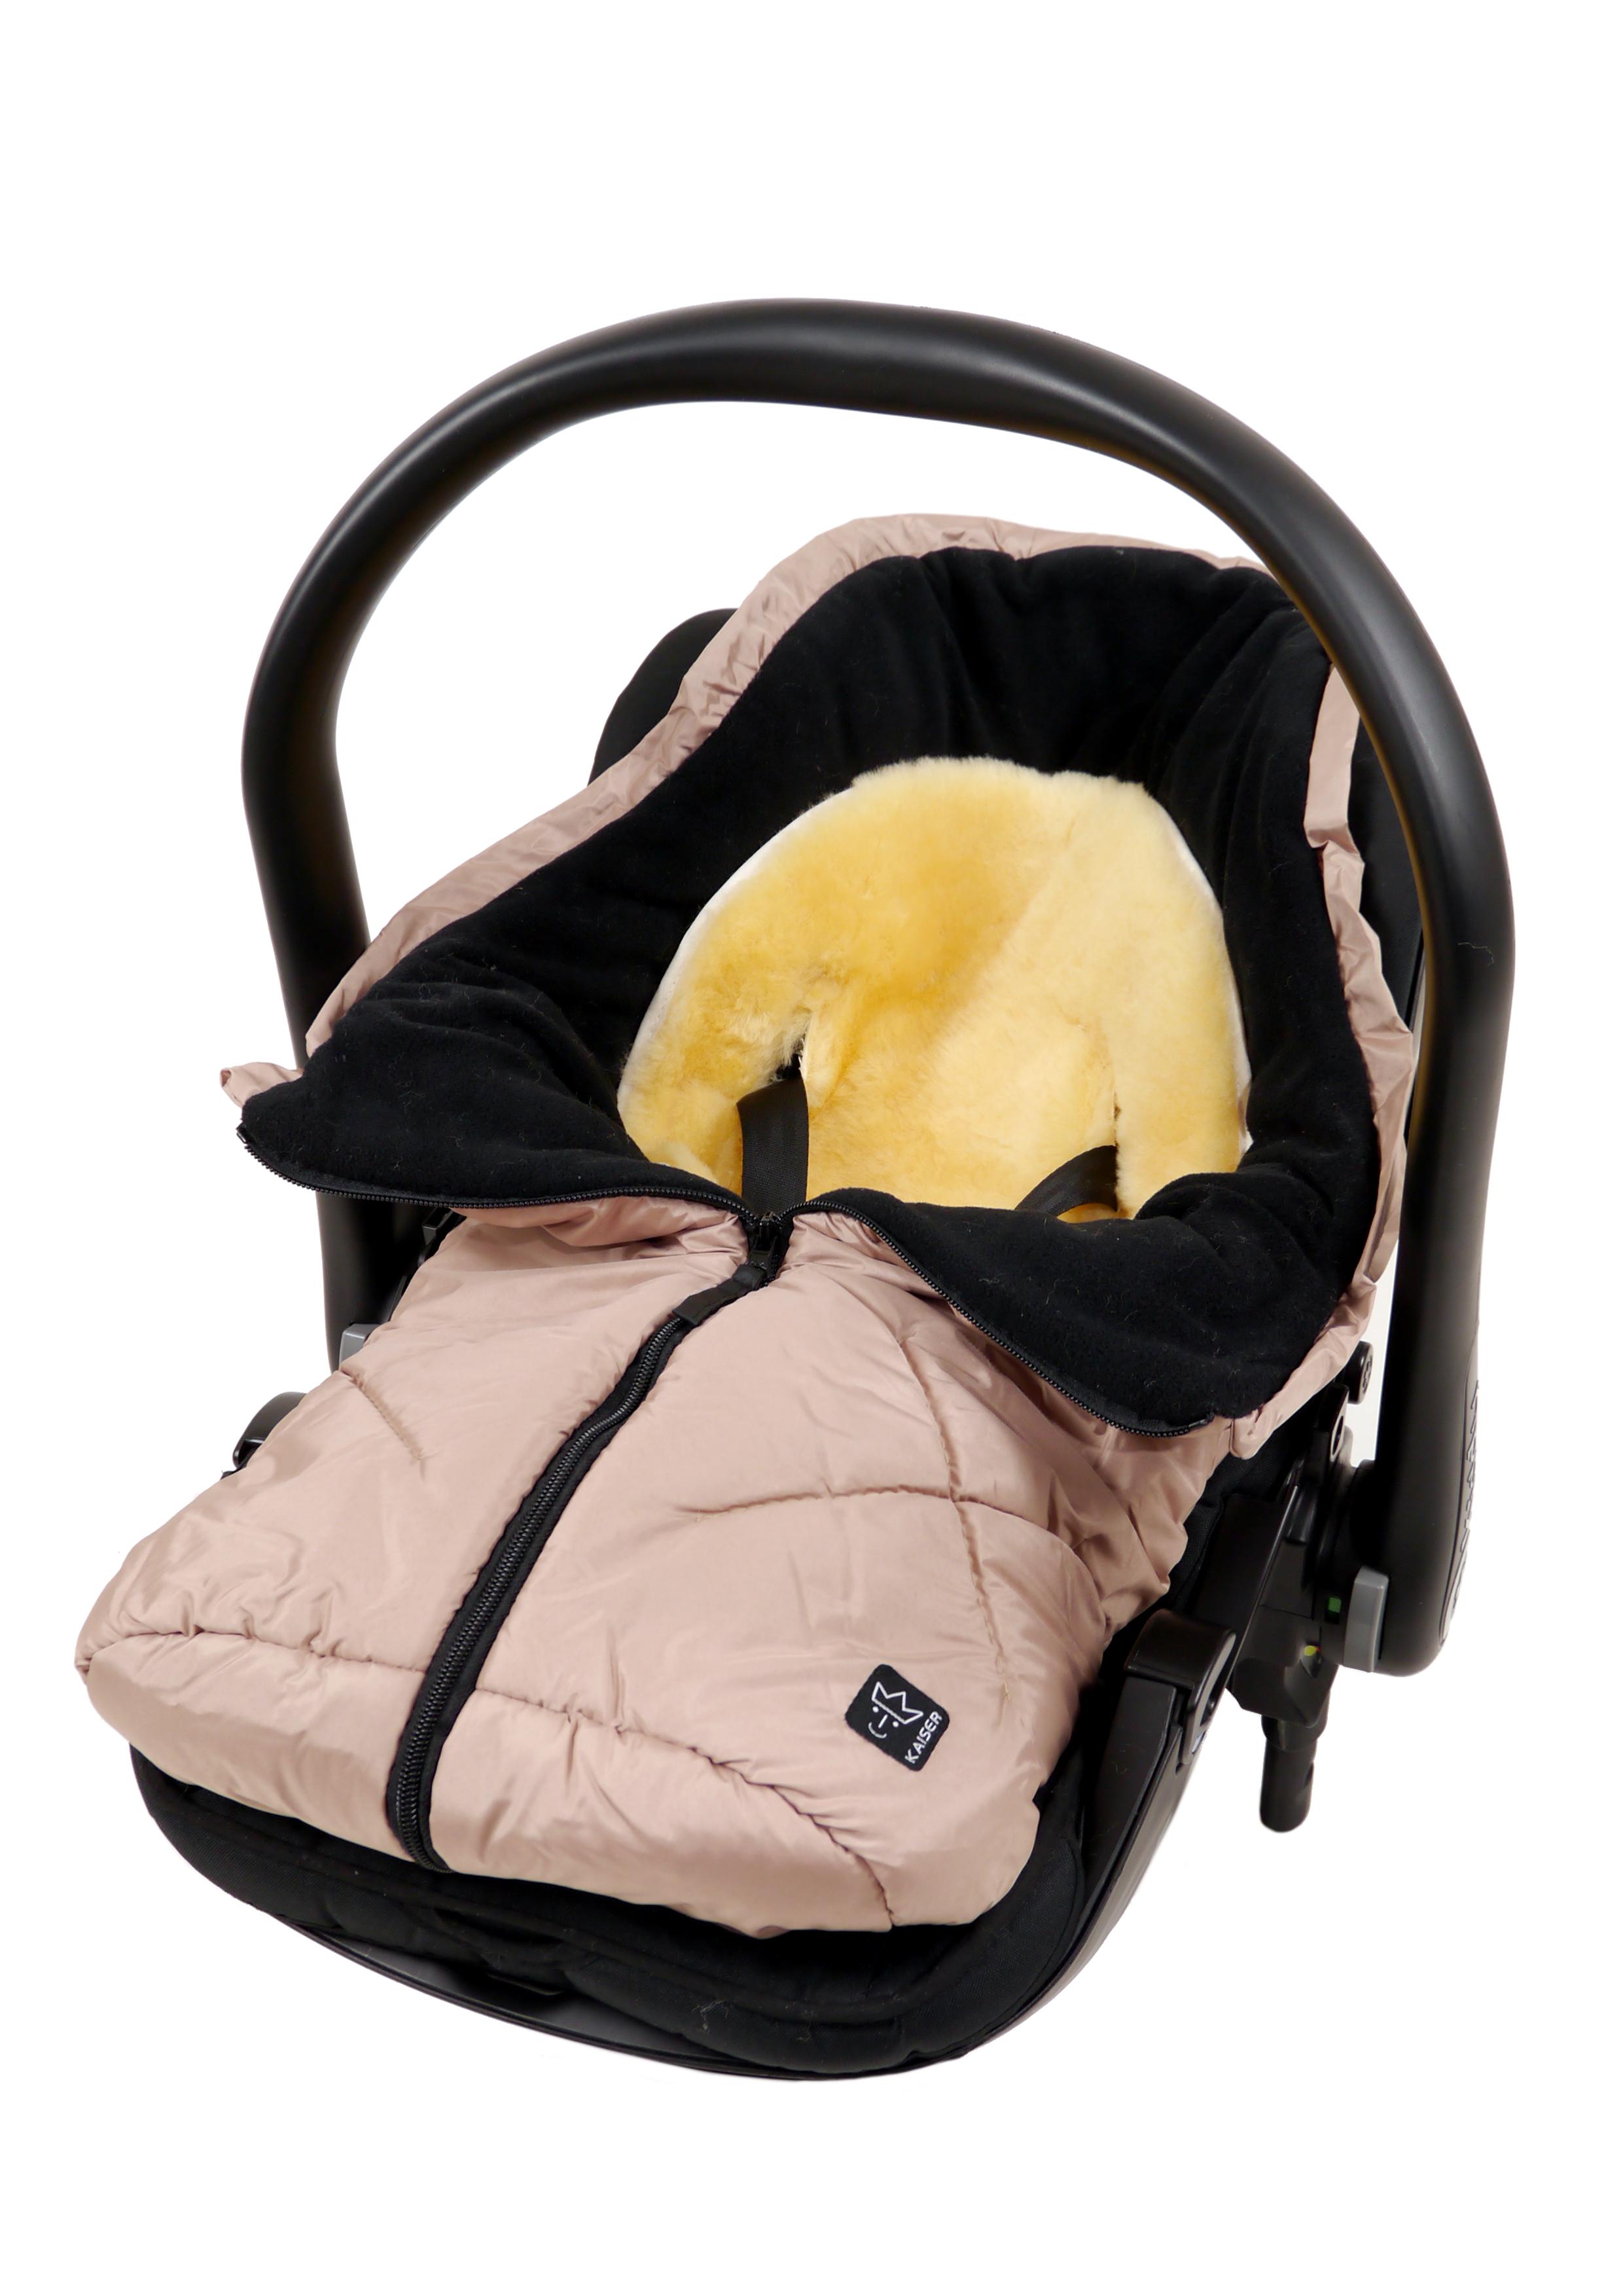 mit Lammfelleinlage, Little Sheepy Neu Fußsack für Babyschale und Kinderwagen